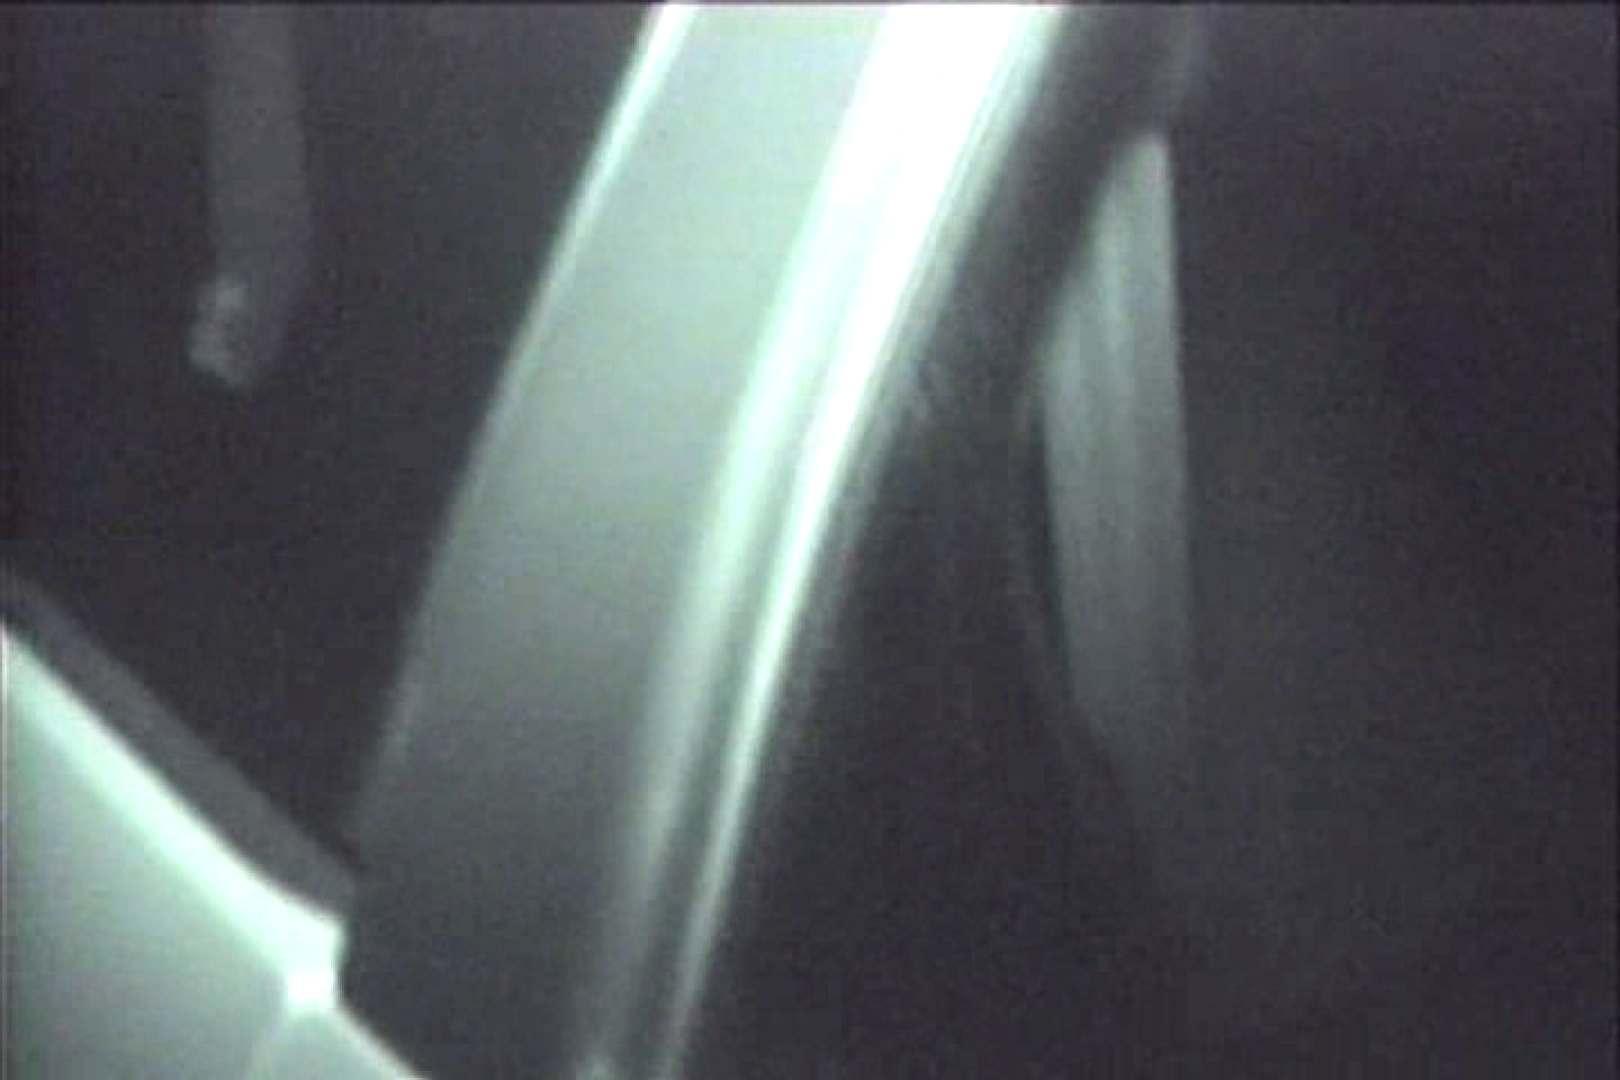 車の中はラブホテル 無修正版  Vol.18 セックス オマンコ動画キャプチャ 100pic 30